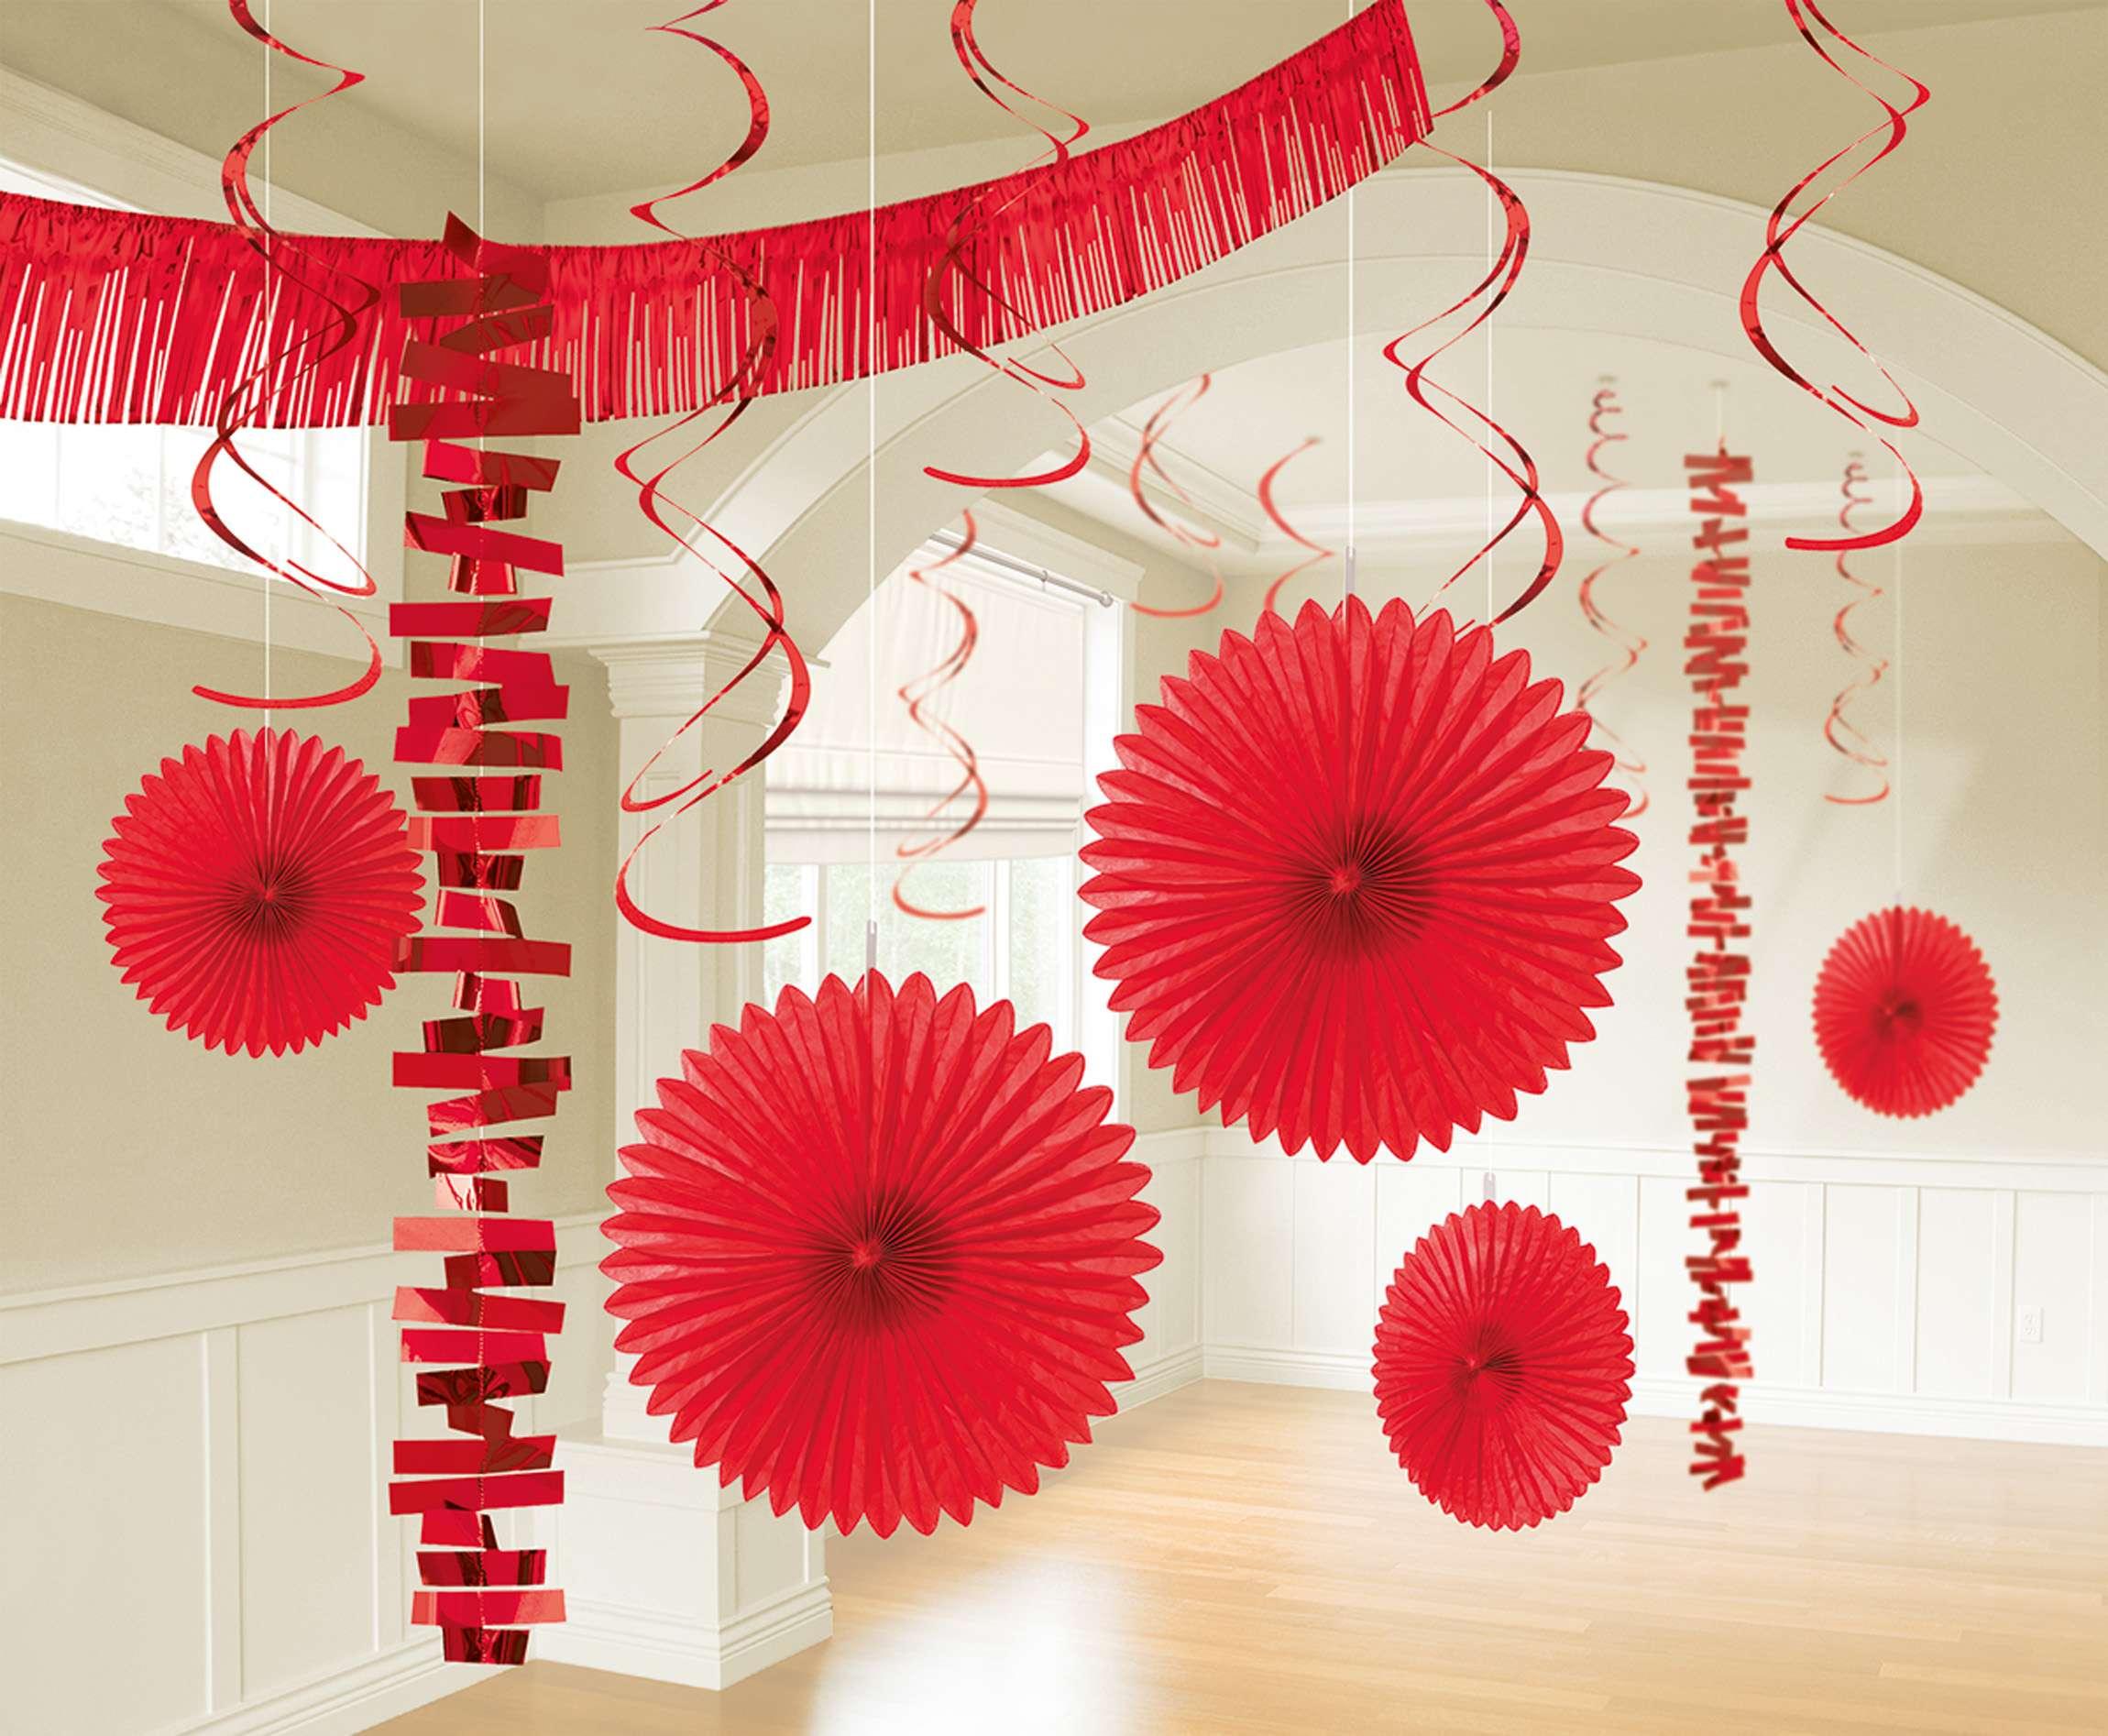 5 Deko Spiralen Silberhochzeit 61 cm Hochzeitsdeko silber Party Dekoration 25.